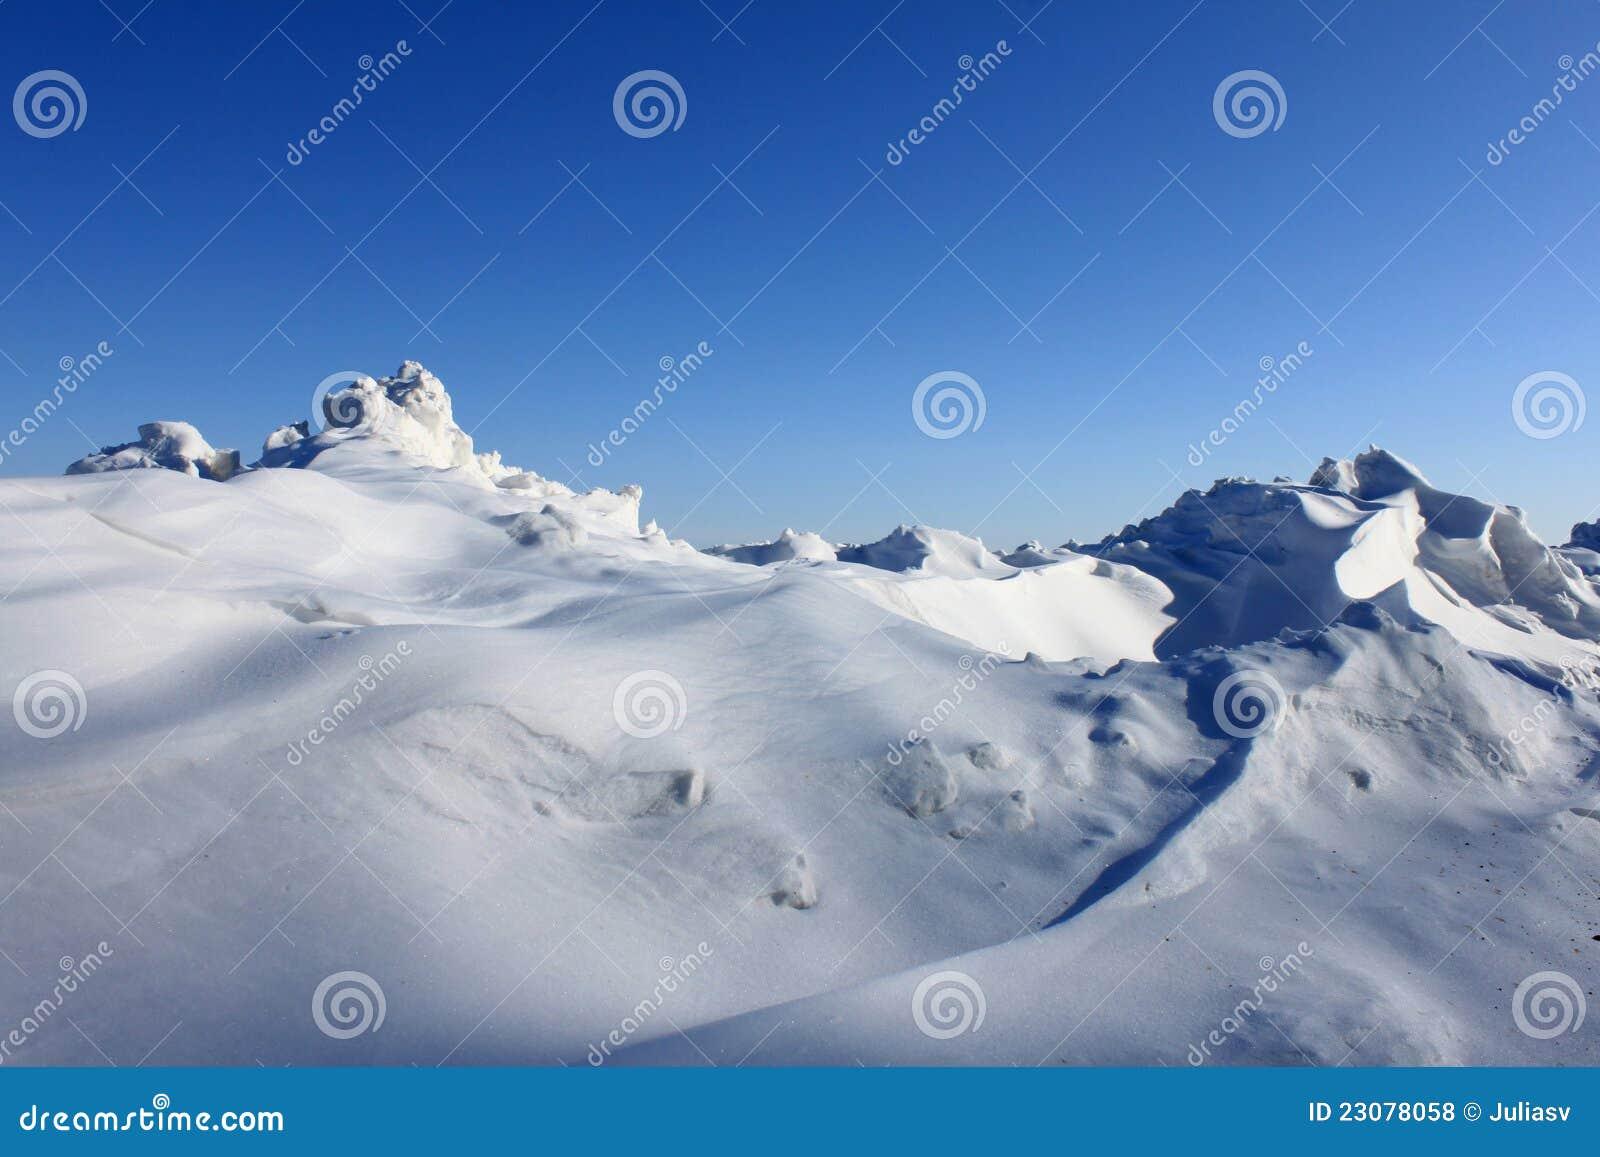 Snowdrift bonito de encontro ao céu azul